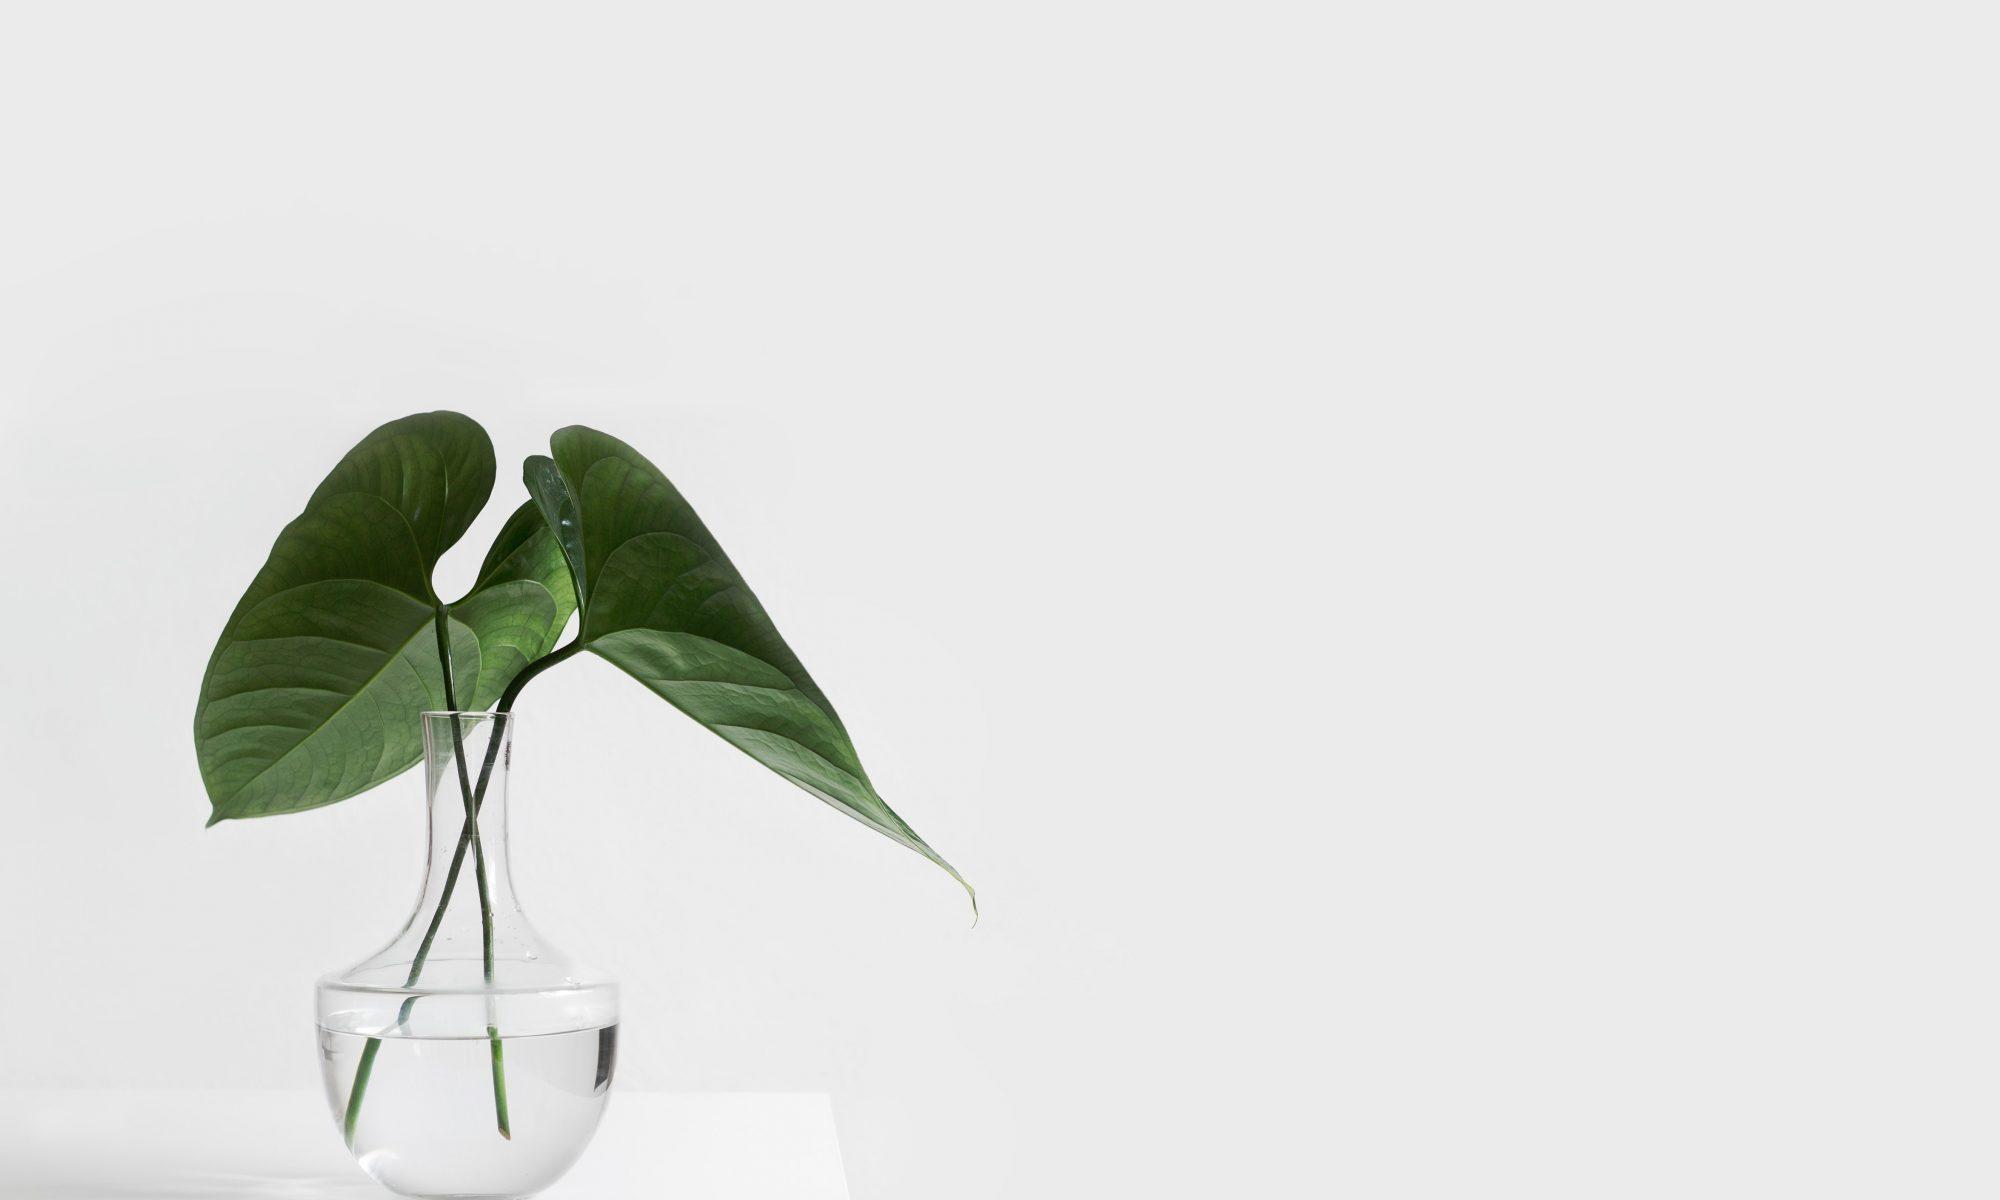 Tumbuhan fotositesis